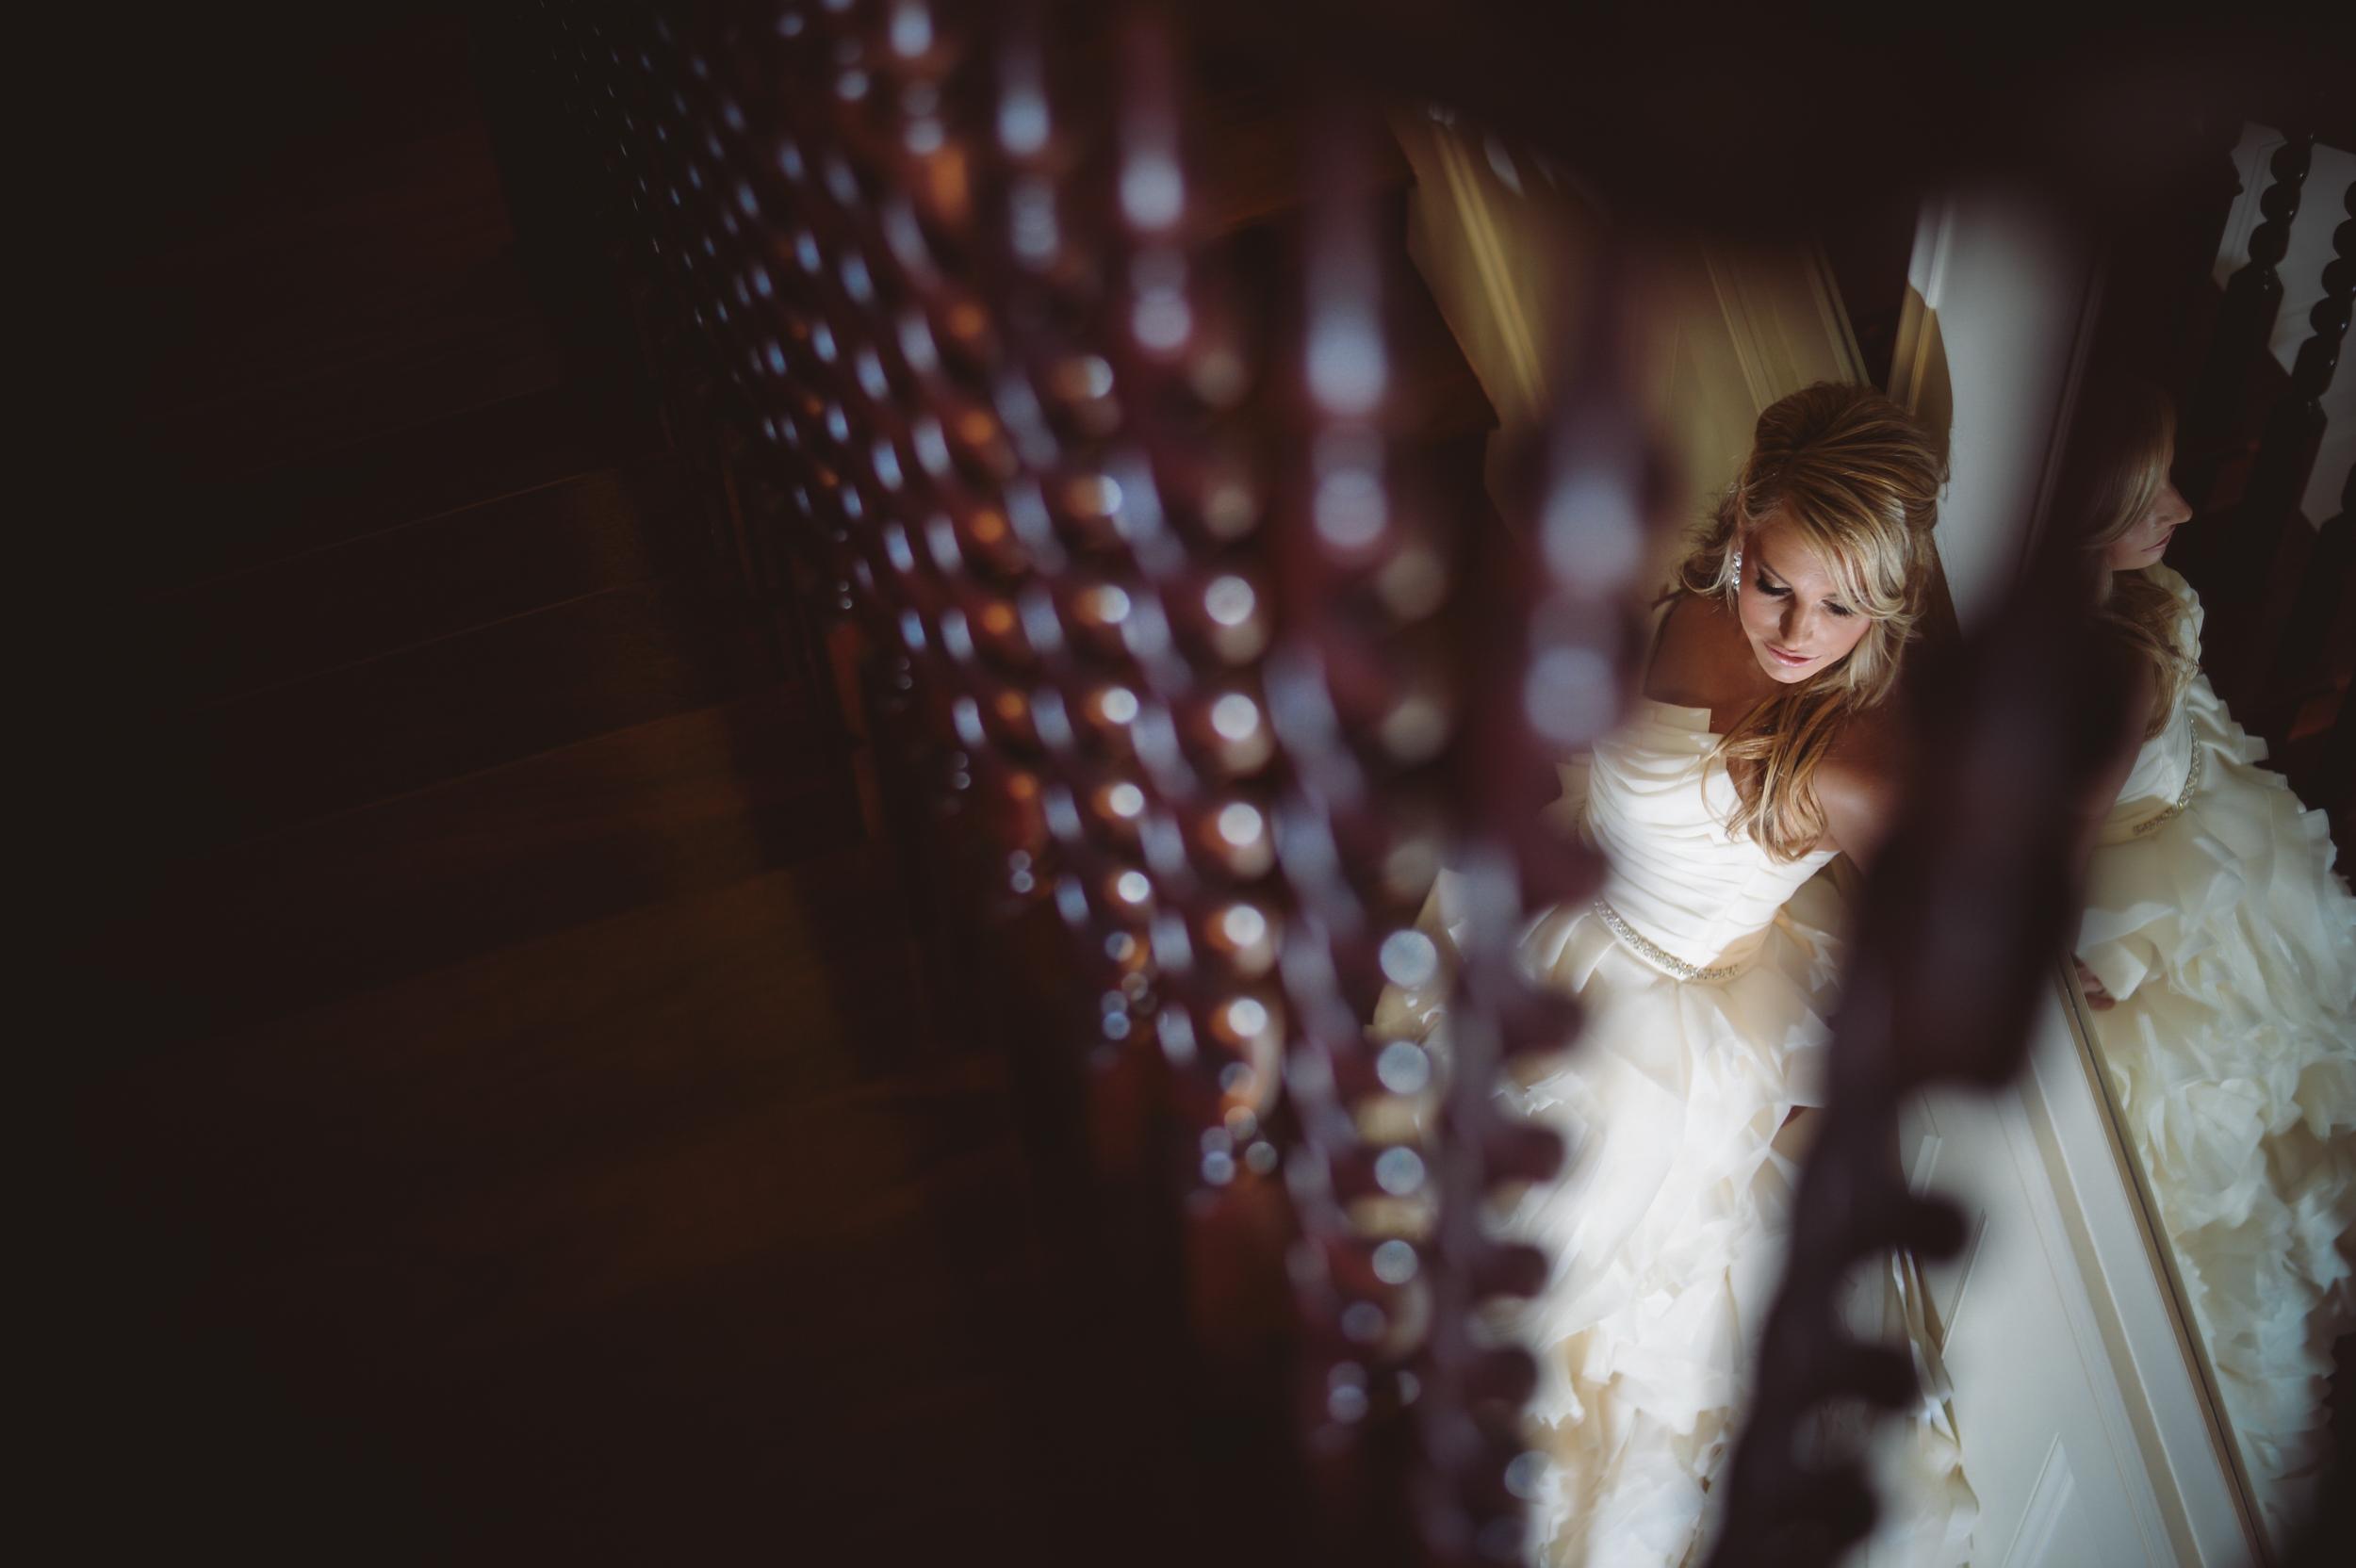 bridals©2015mileswittboyer-41.jpg